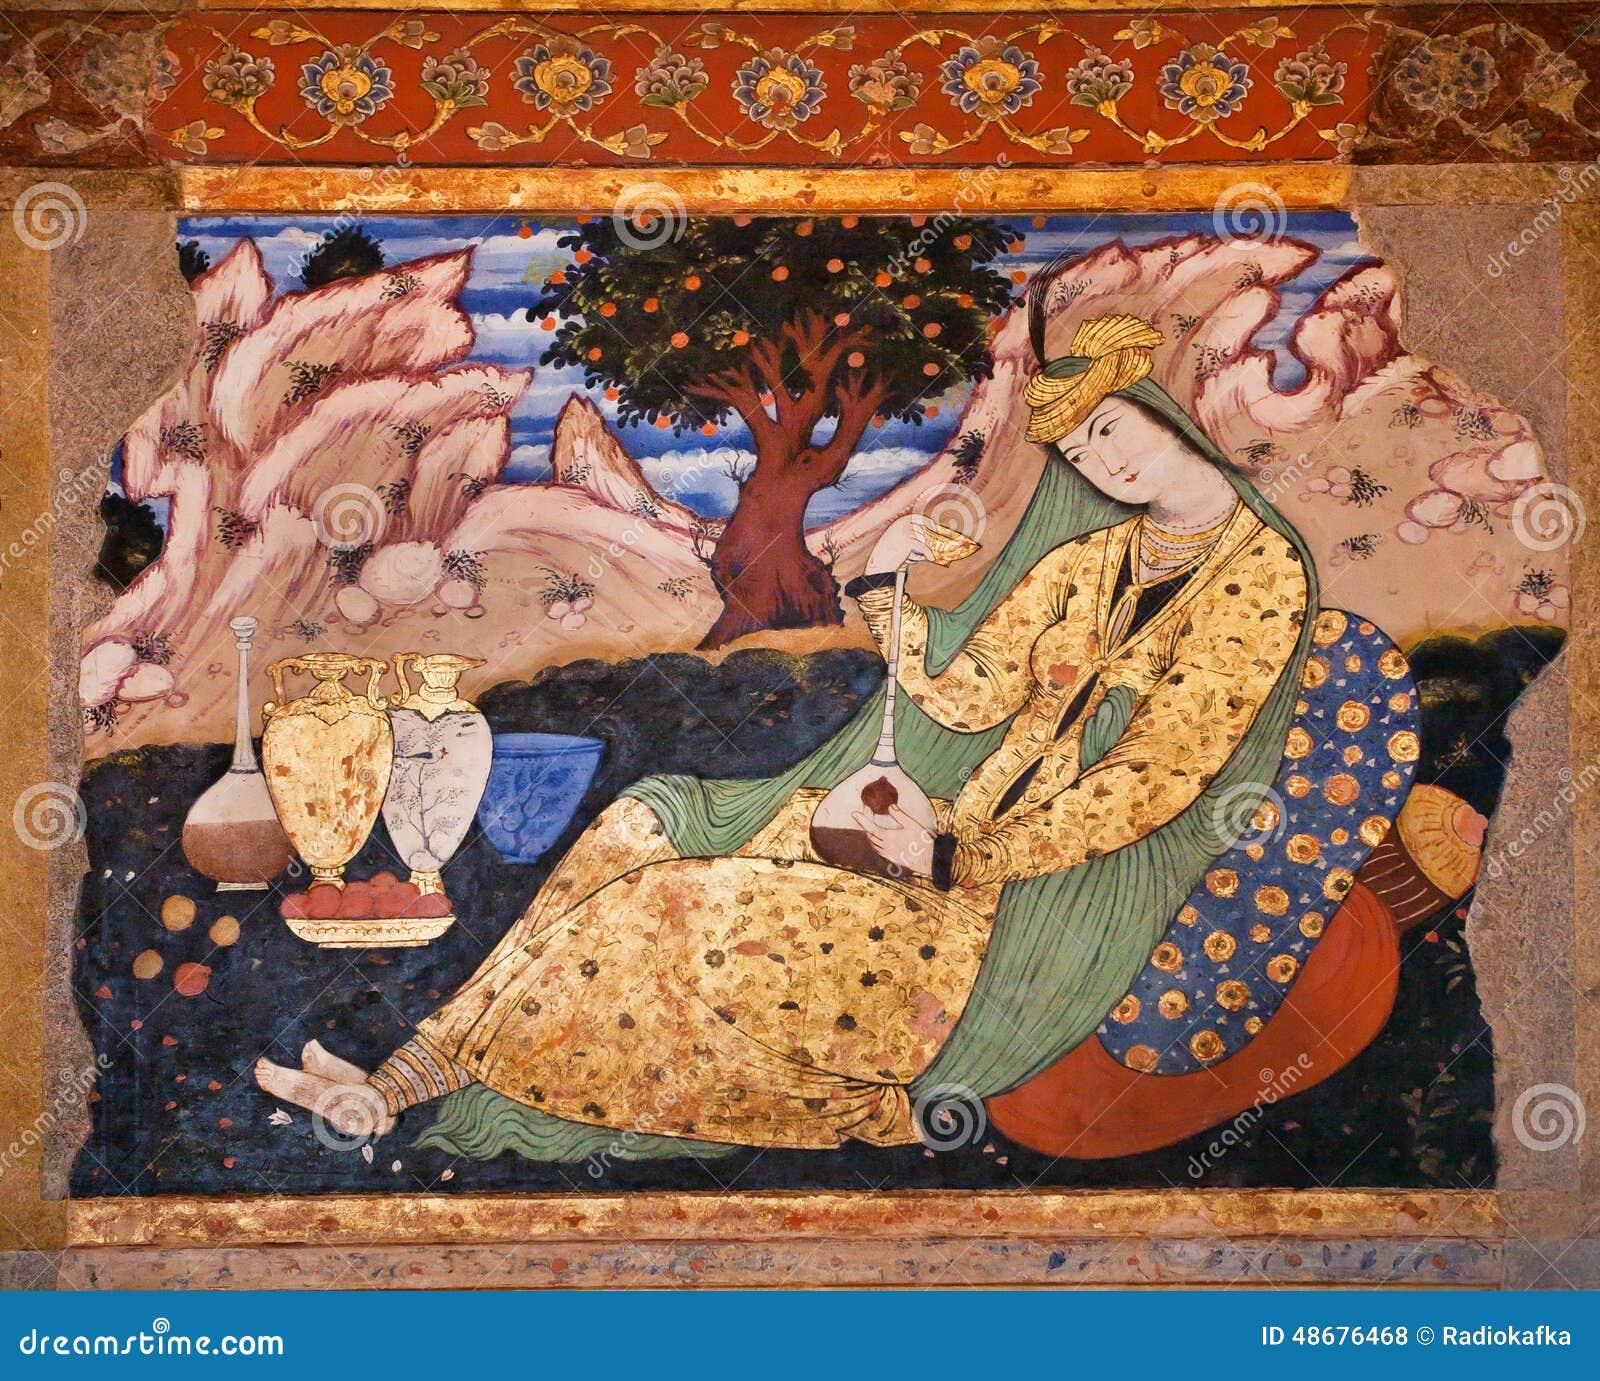 Vieux fresque avec la photo de la belle femme persane avec des brocs dans le palais Chehel Sotoun